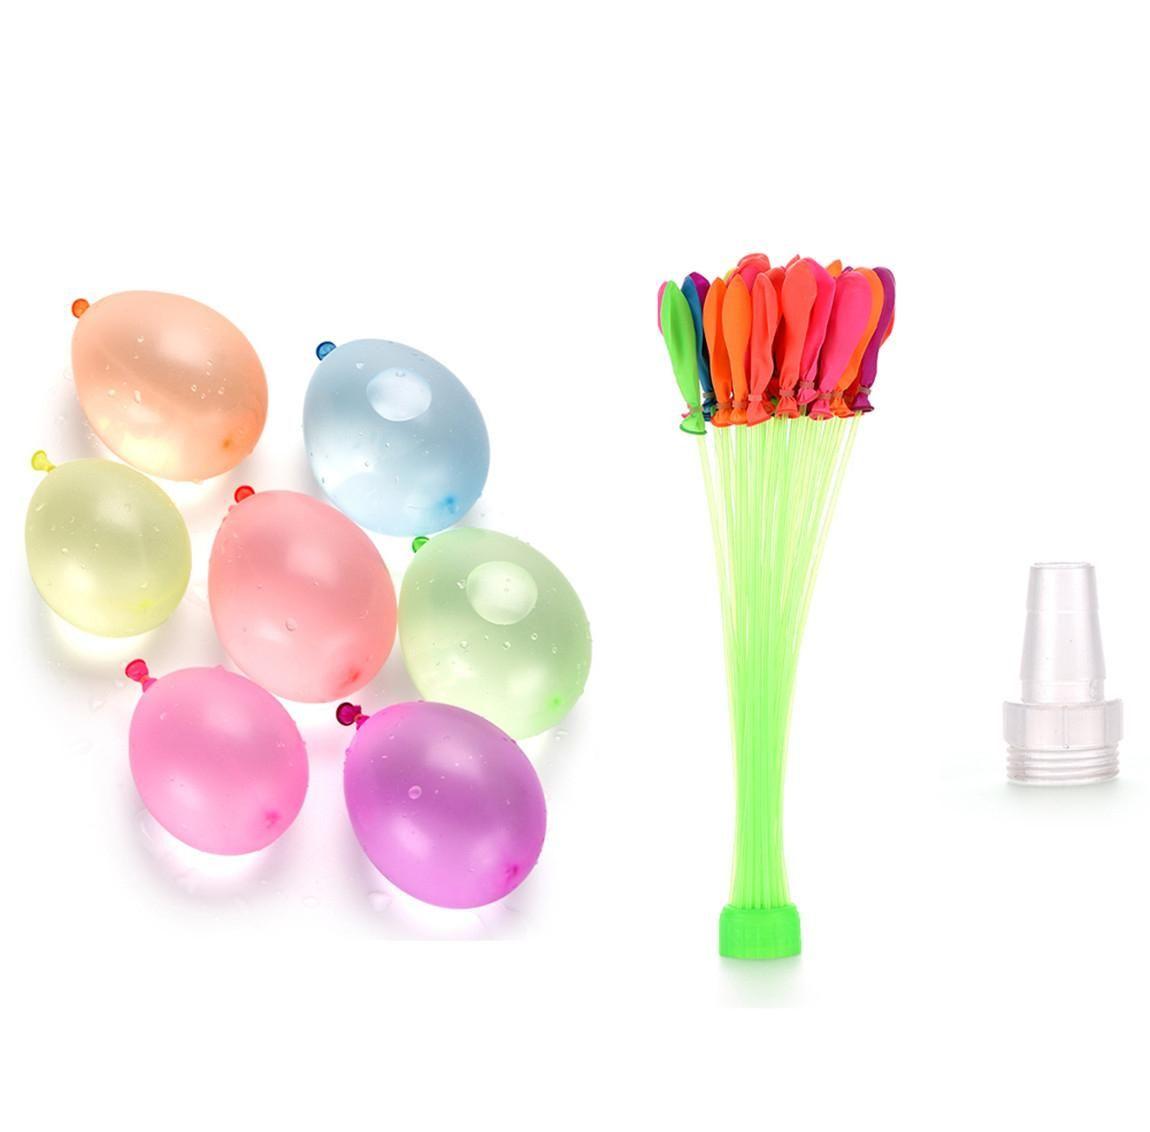 المياه غمرت القنابل البالونات الصيف حزب شاطئ لعبة ماجيك المياه بالون الجدة الكمامة ألعاب للأطفال DHL شحن مجاني 02